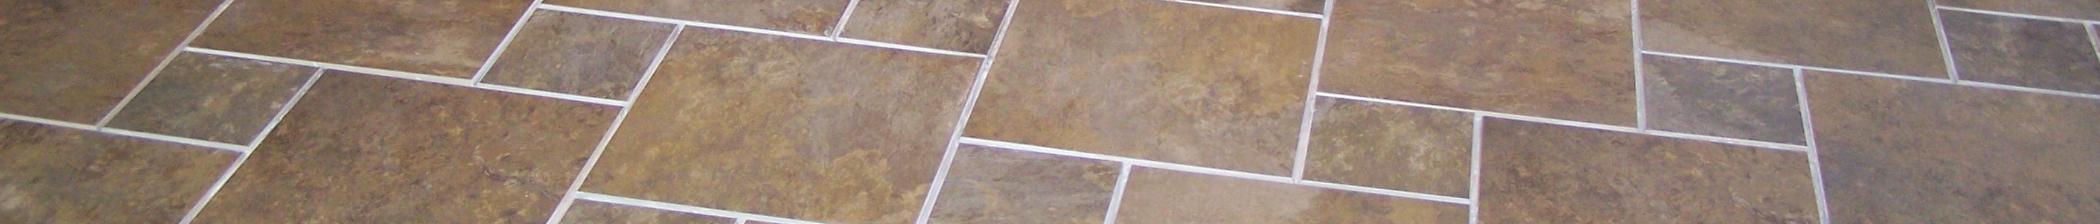 chicago tile flooring